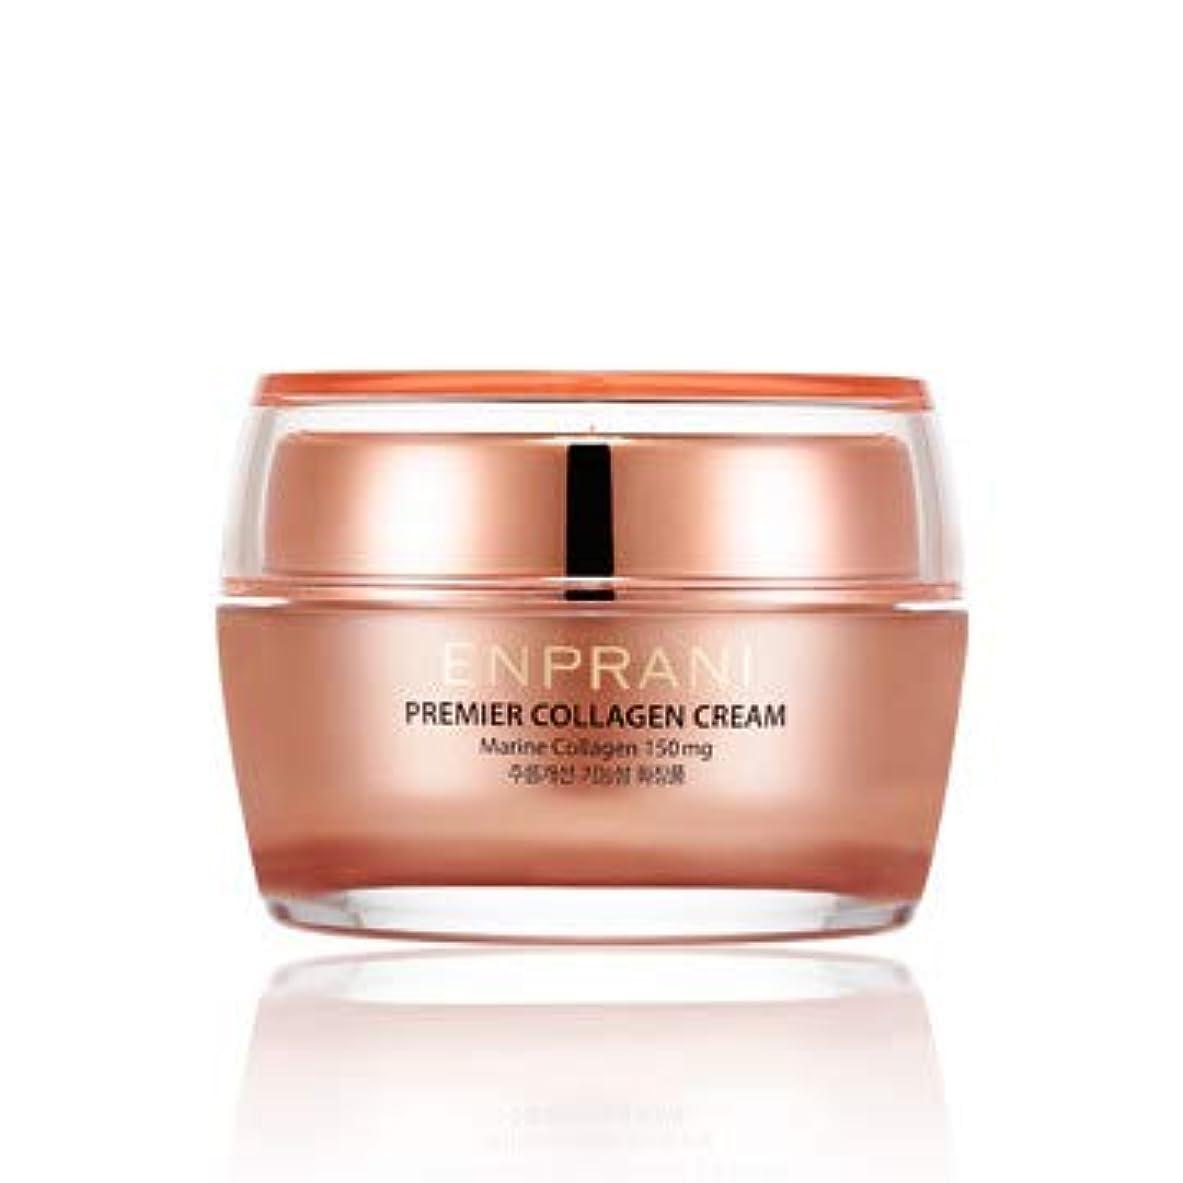 期待して接続詞寄付するエンプラニ プレミア コラーゲン クリーム 50ml / ENPRANI Premier Collagen Cream 50ml [並行輸入品]